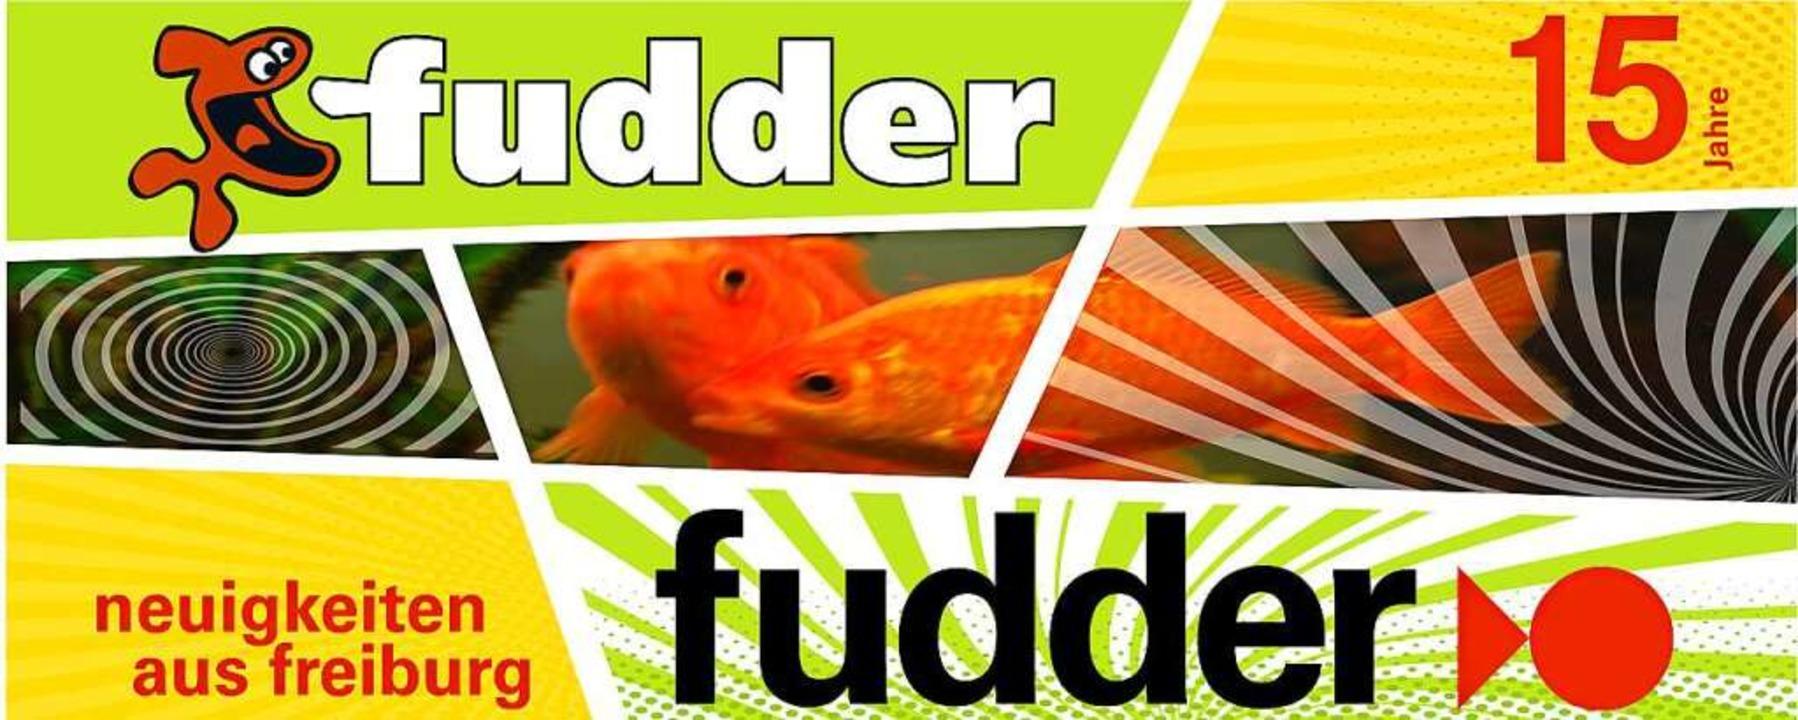 2006 ging fudder.de an den Start: Ein ...tung wird diesen Januar 15 Jahre alt.   | Foto: goodstudio (stock.adobe.com)